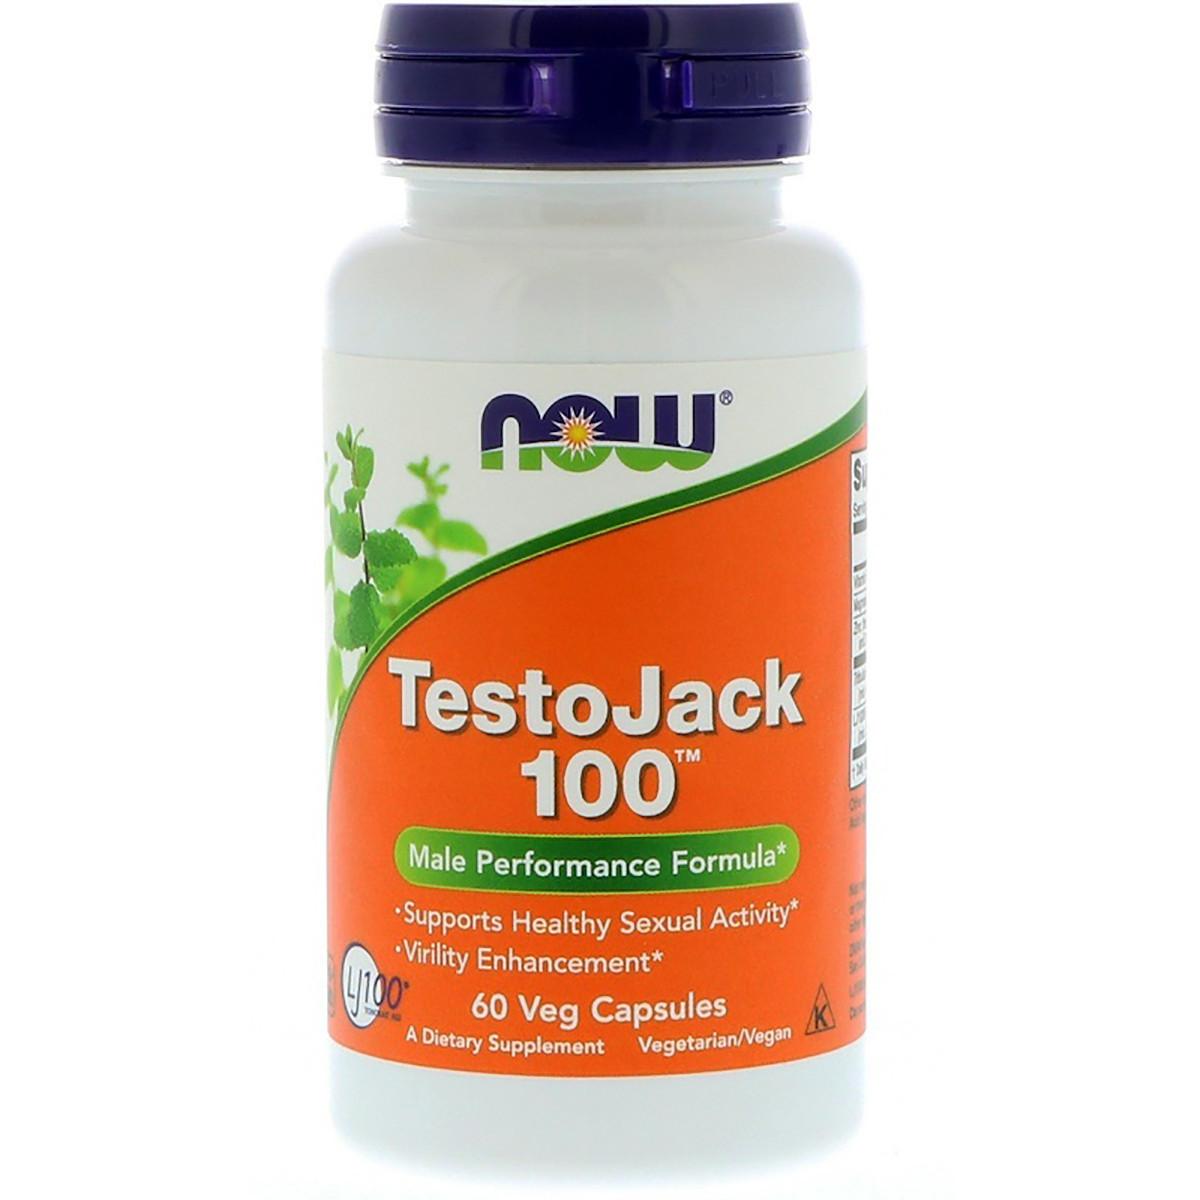 Репродуктивное Здоровье Мужчин ТестоДжек, TestoJack 100, Now Foods, 60 капсул